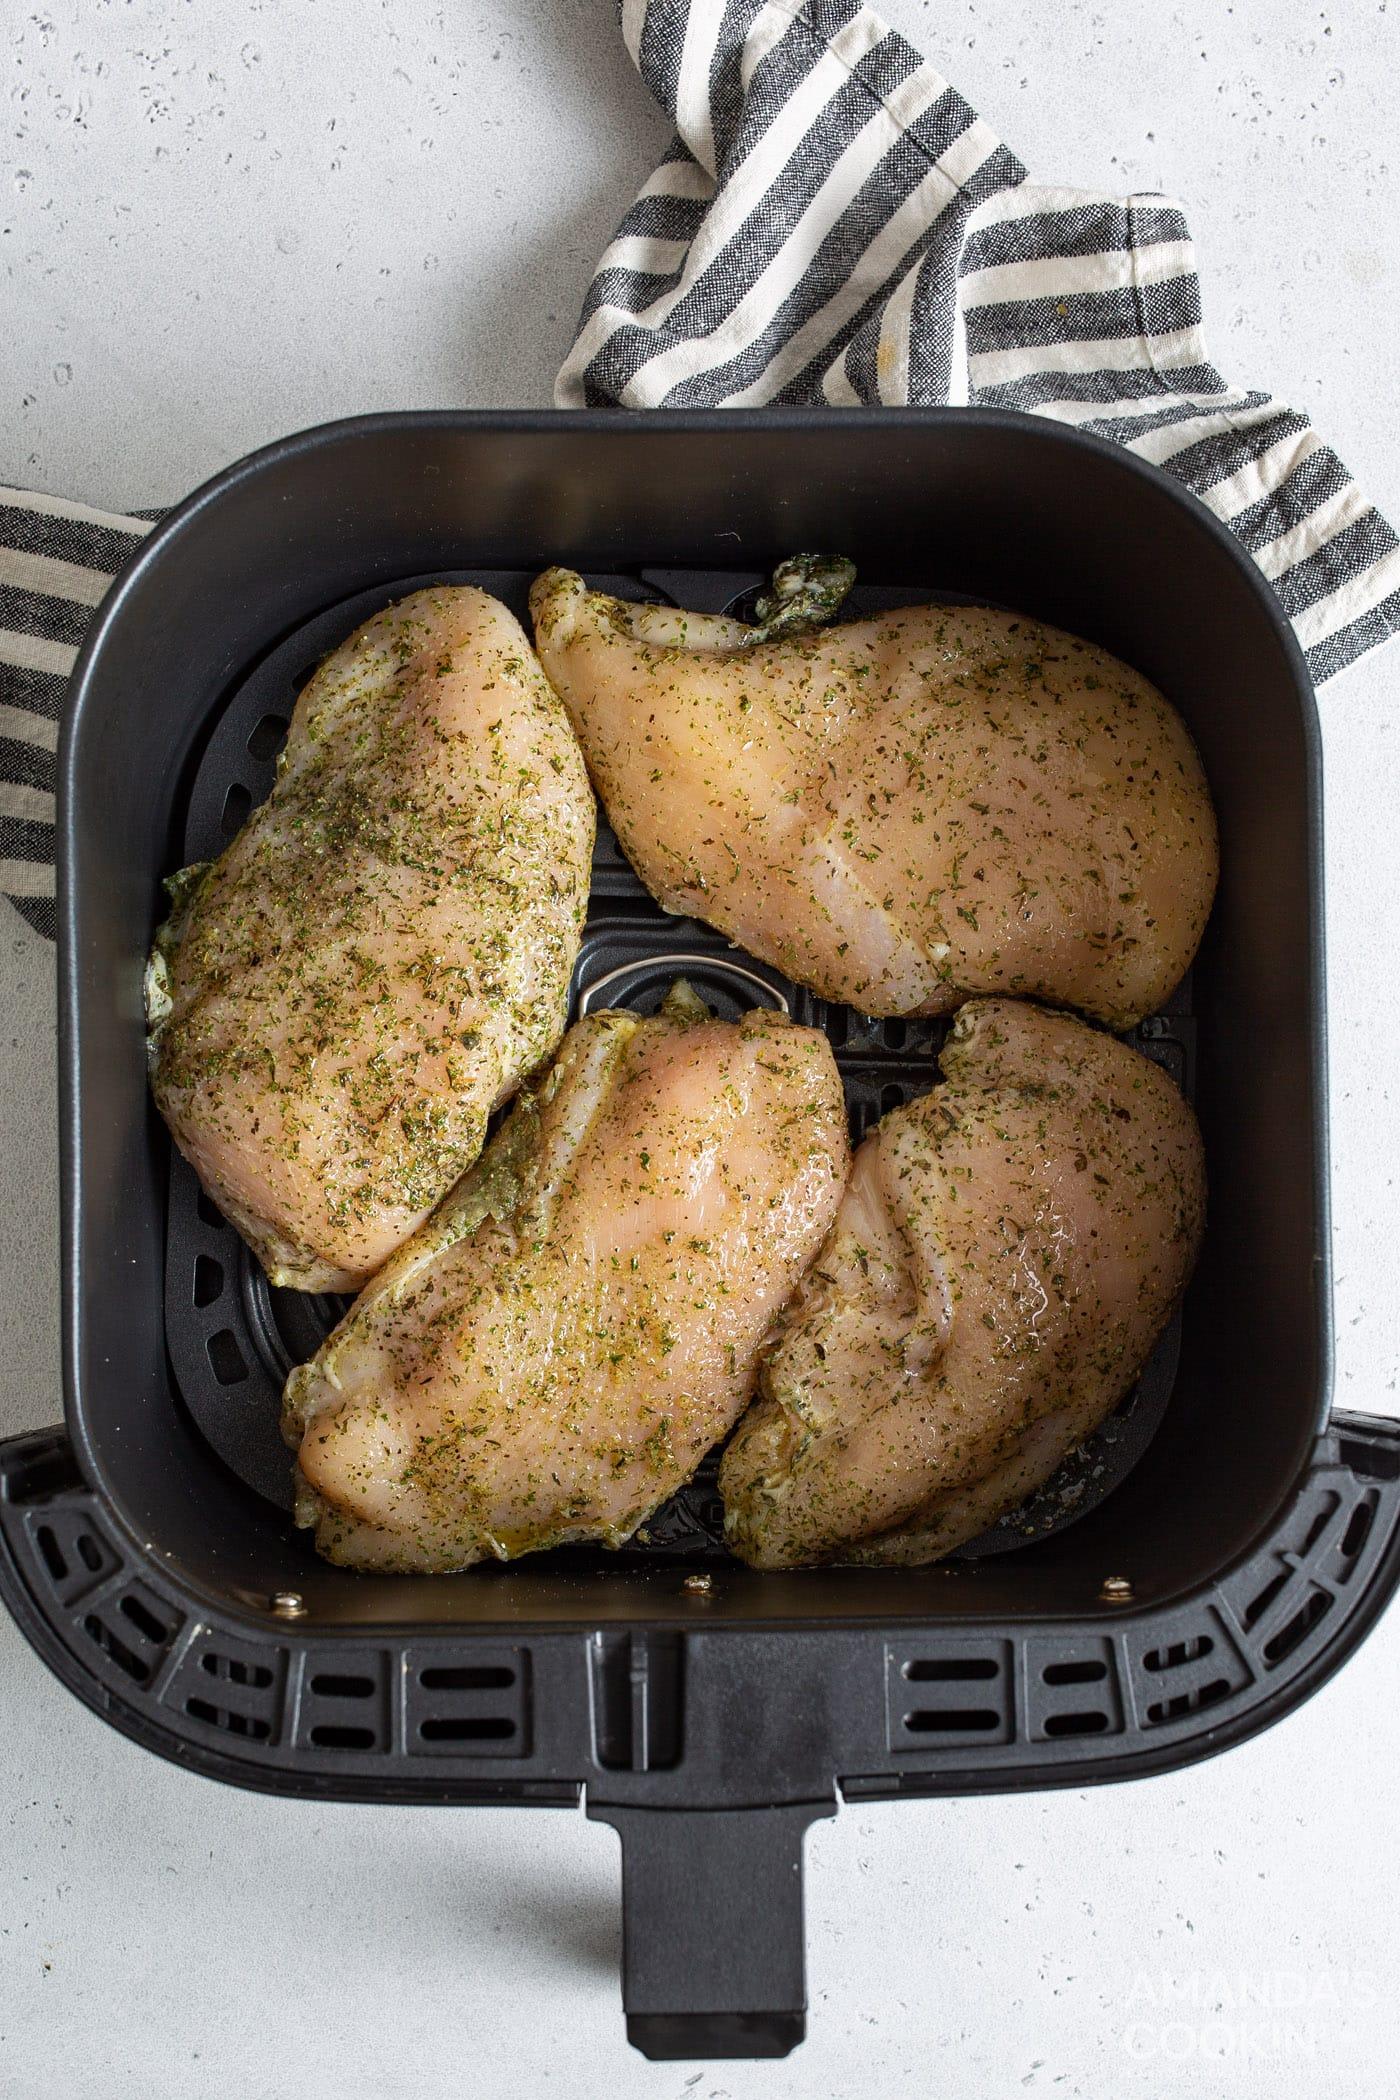 raw chicken in air fryer basket